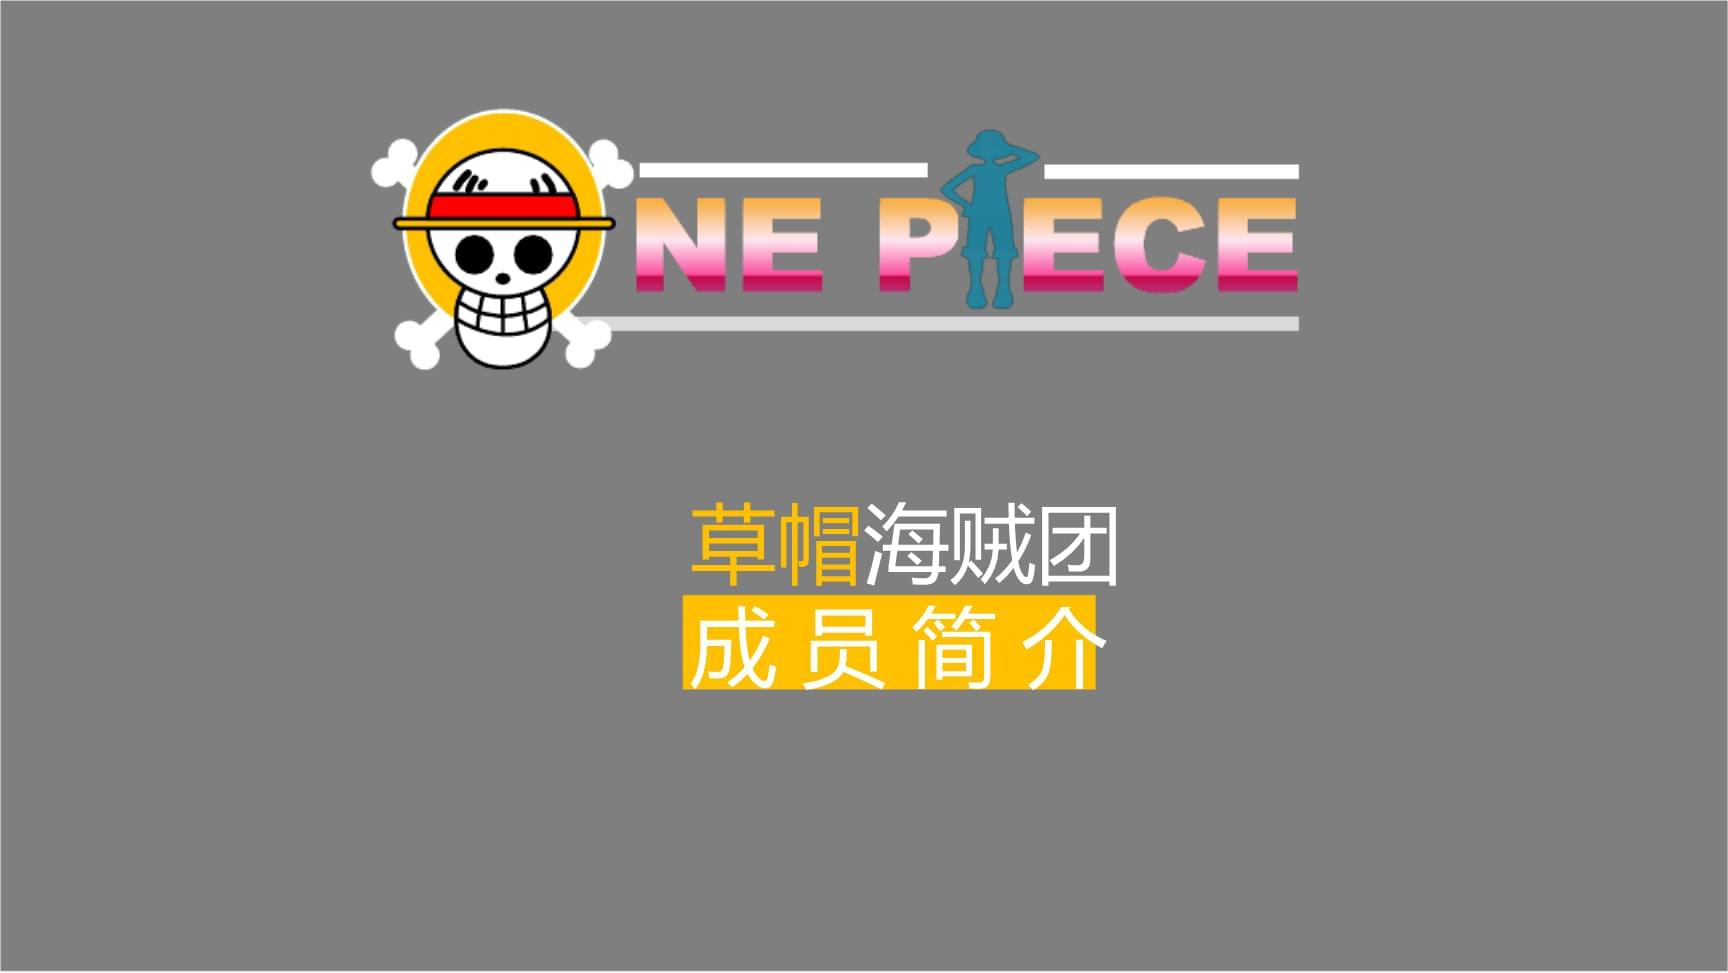 海贼王主要人物介绍PPT-海贼王主要人物.ppt